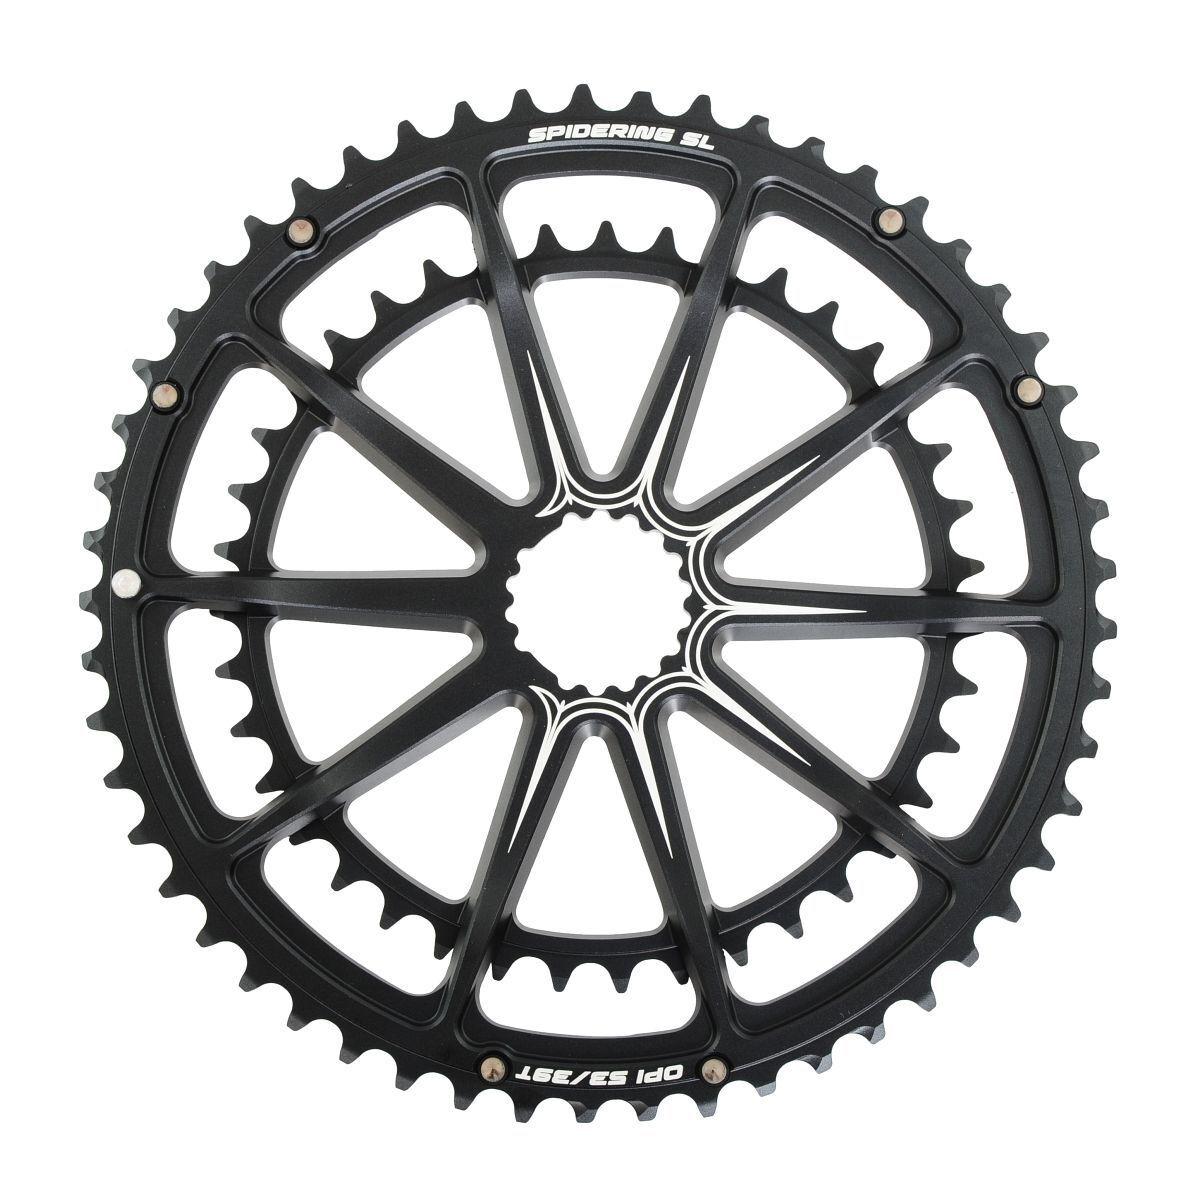 Cannondale OPI Spidering Fahrrad Kettenblatt 10 Arm 53 53 53 39 Zähne schwarz   eine große Vielfalt  38cbe3